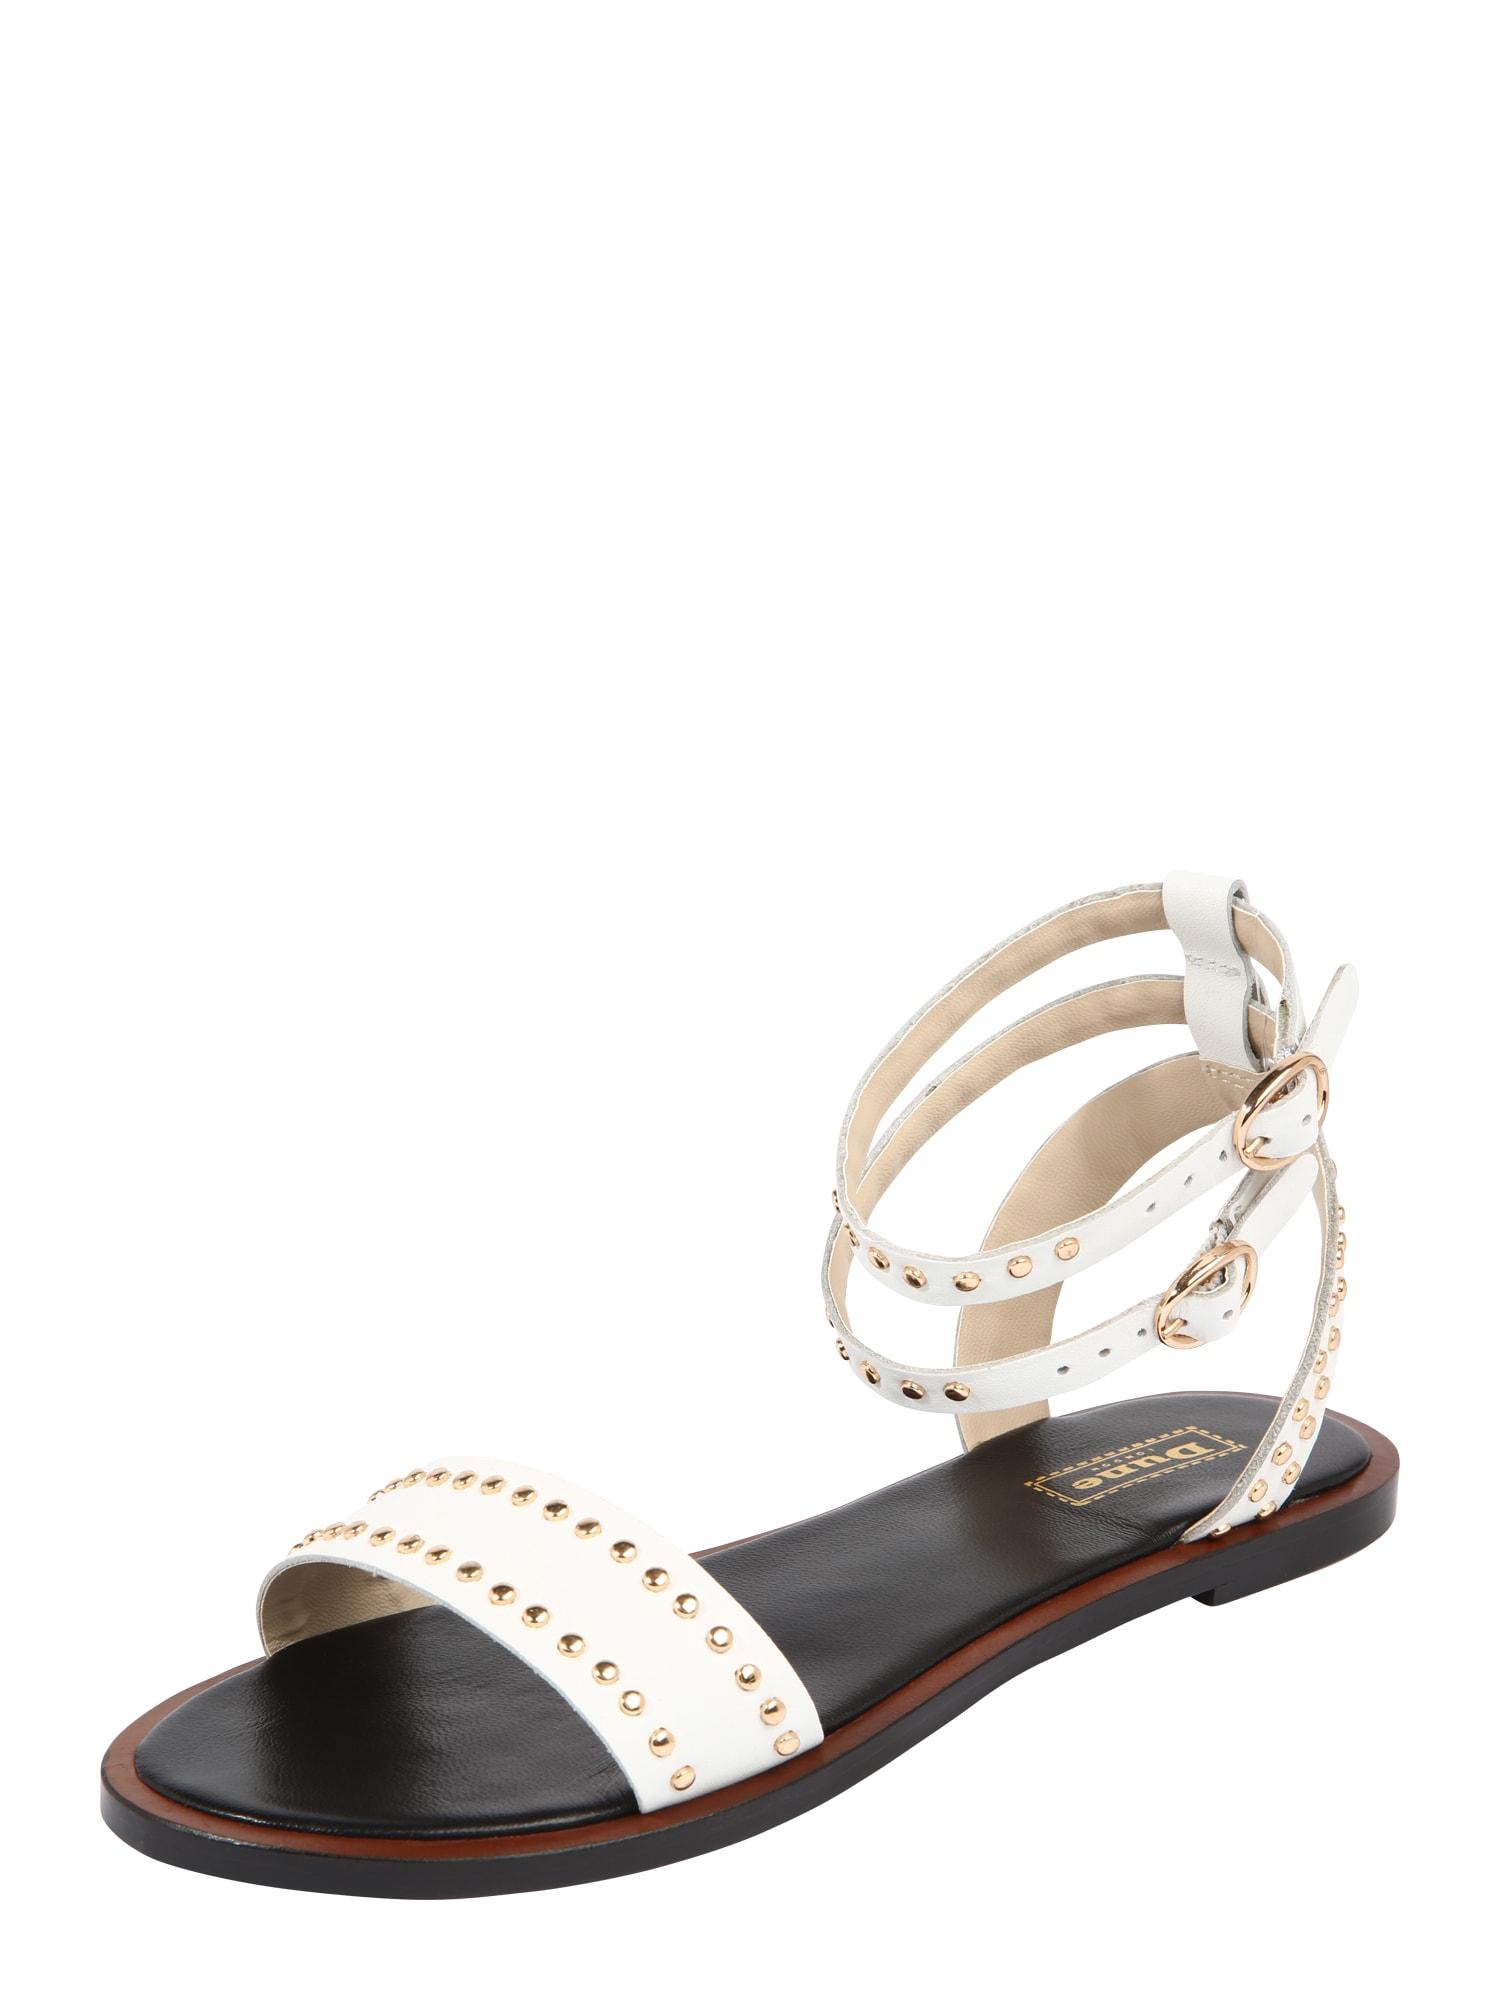 Páskové sandály LAGOMA bílá Dune LONDON